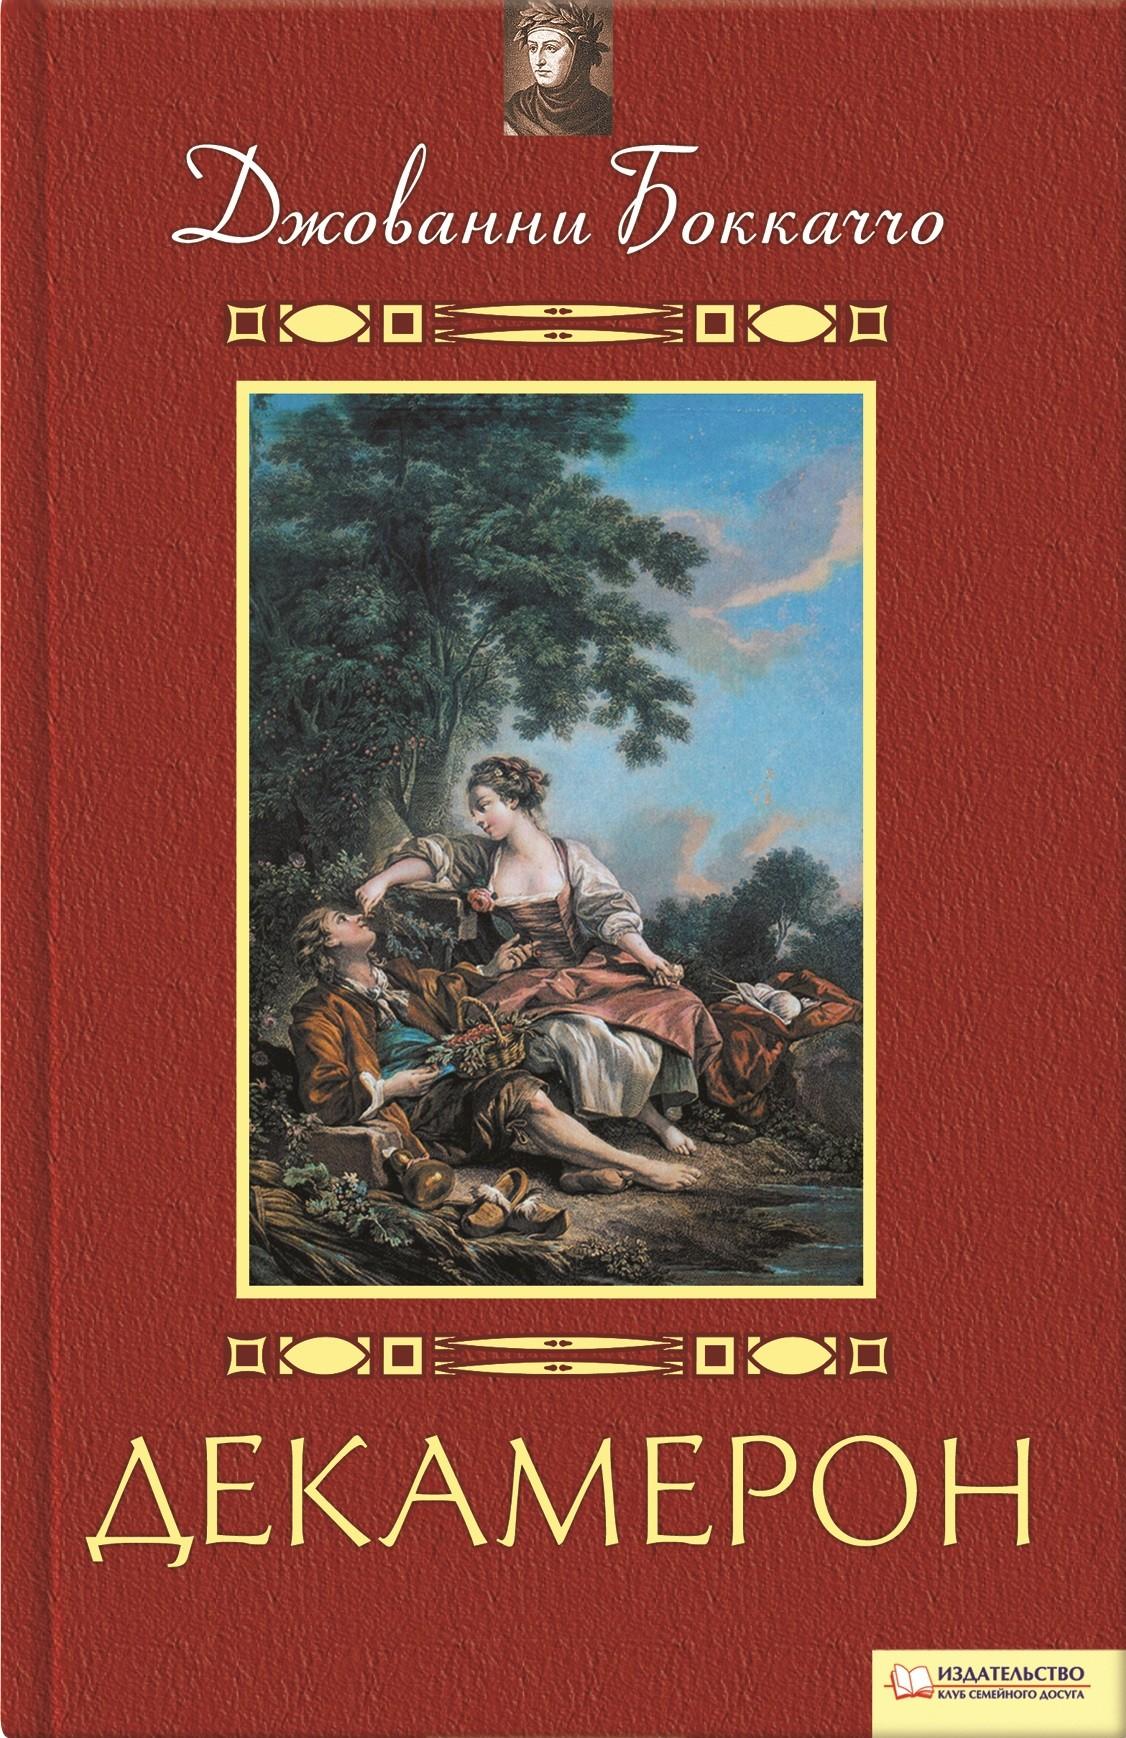 Джованни Боккаччо Декамерон шестаков в бытовая культура итальянского возрождения у истоков европейского образа жизни